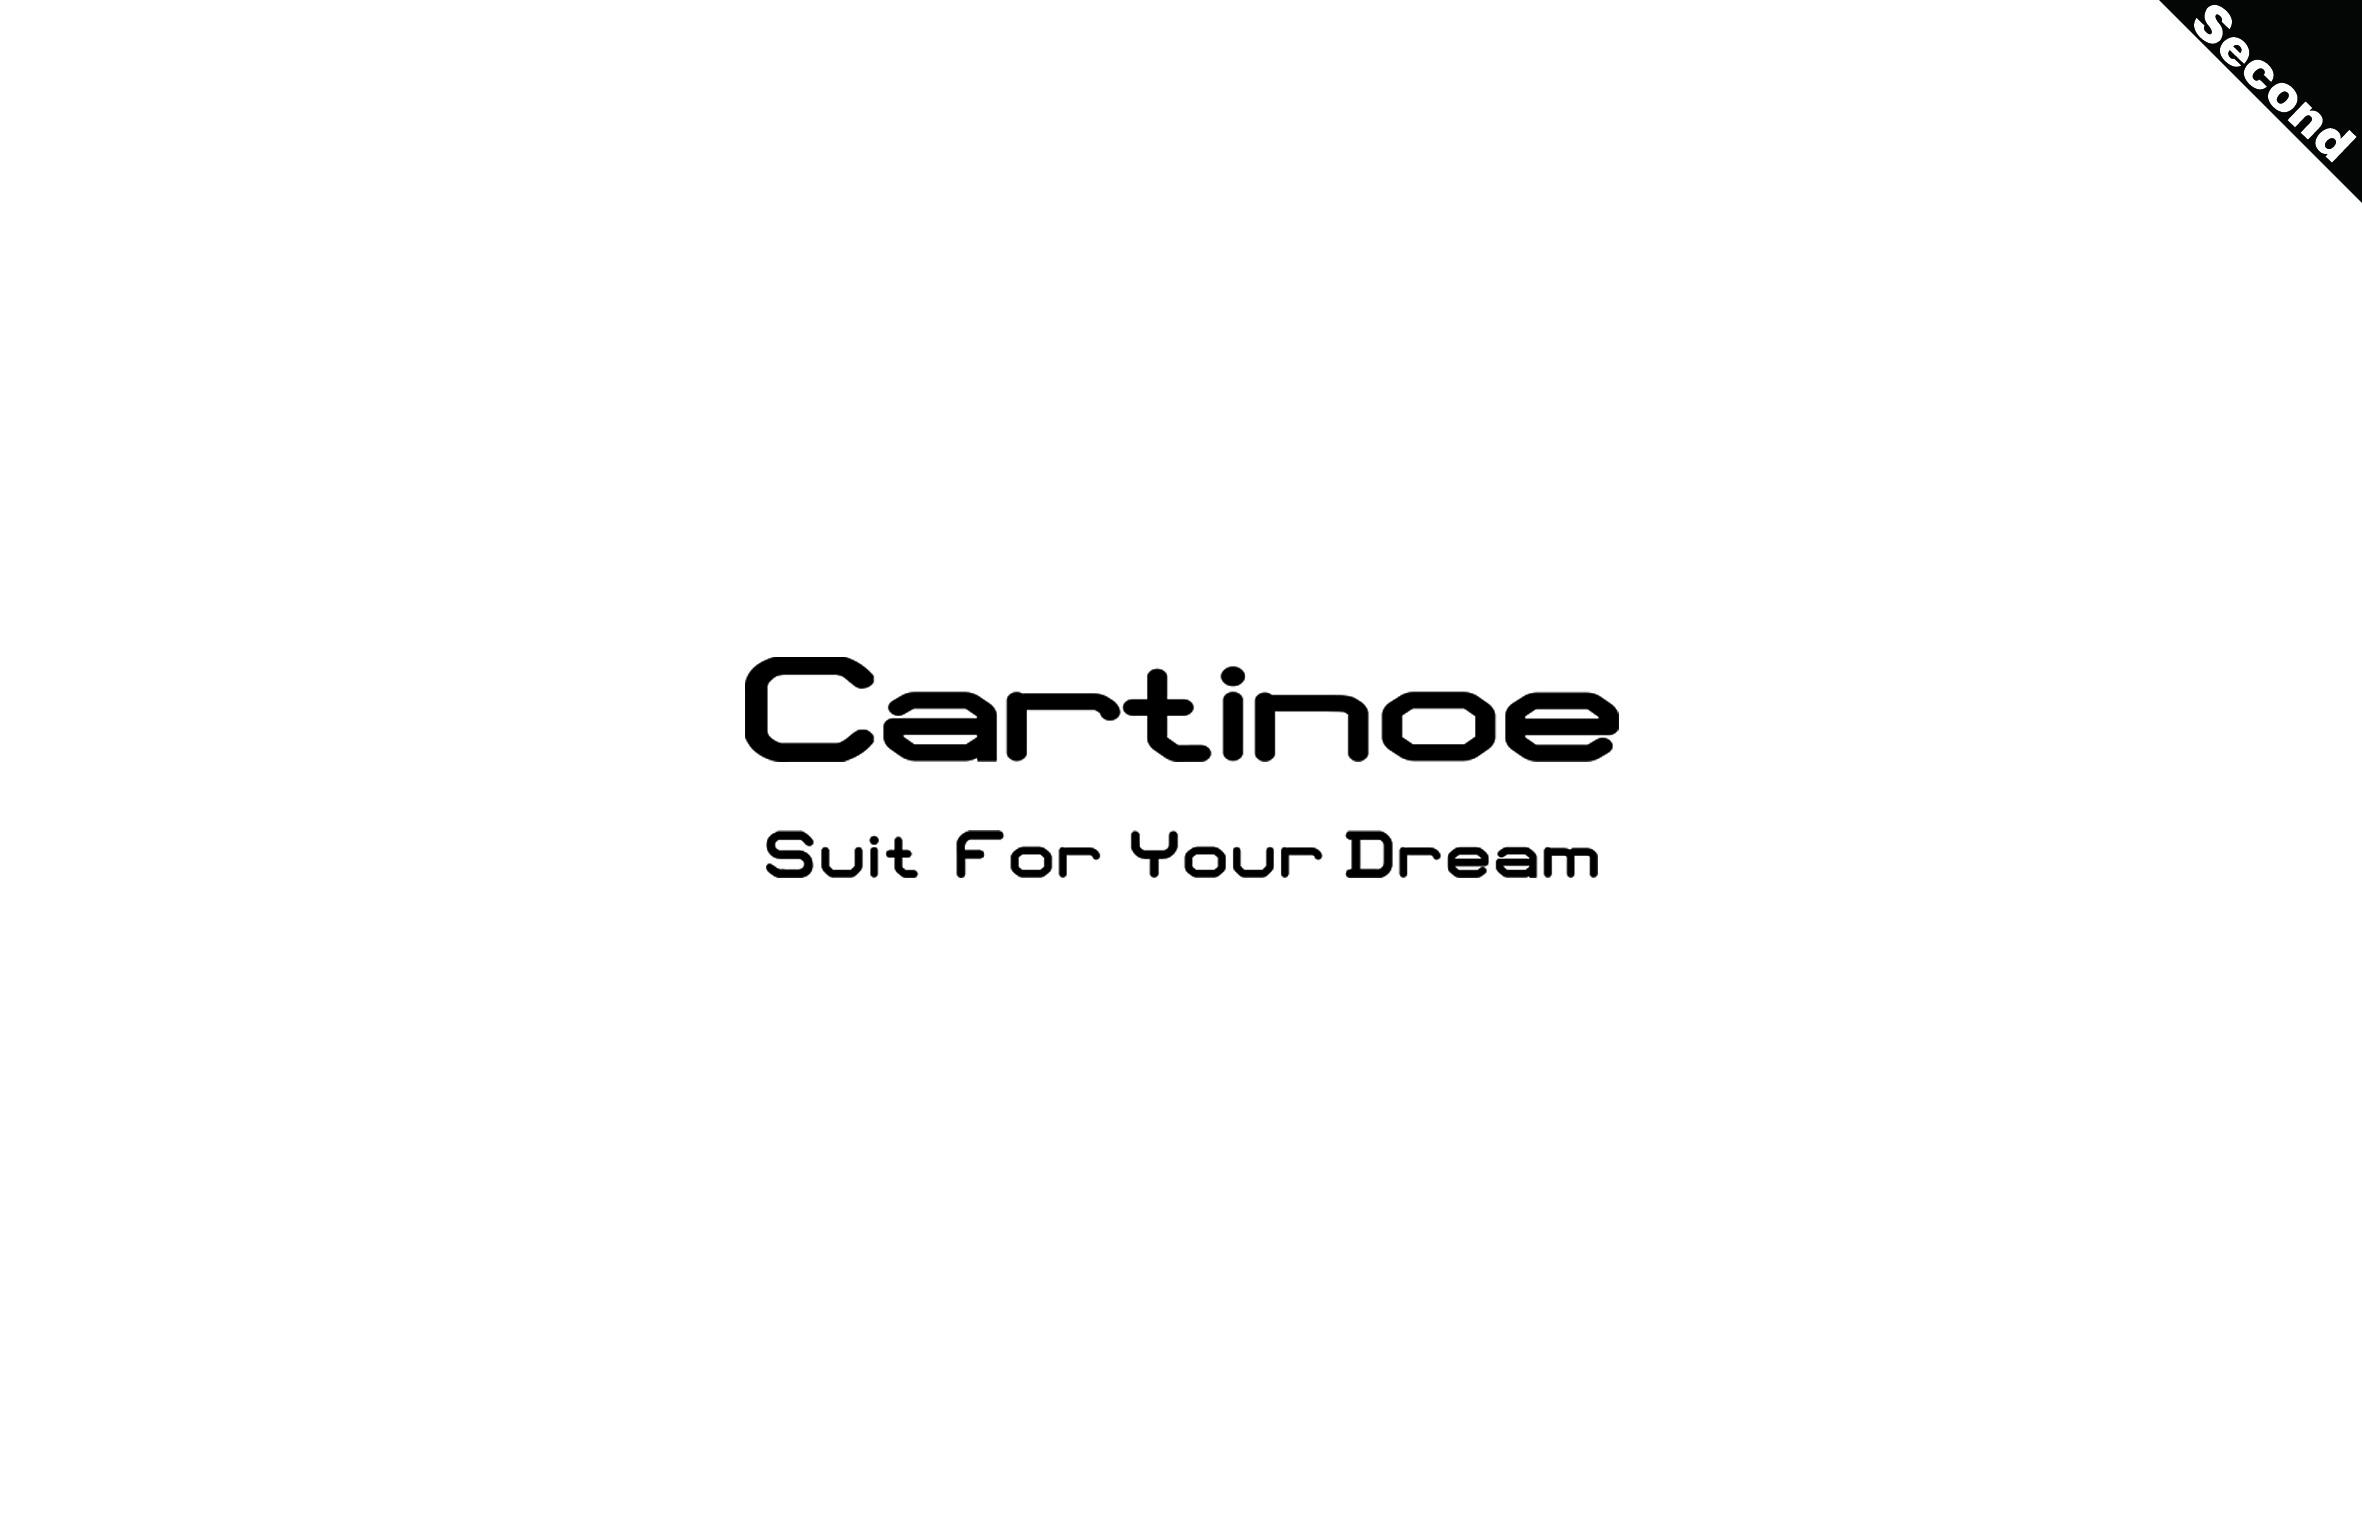 Caritnoe - Túi đựng laptop hàng hiệu